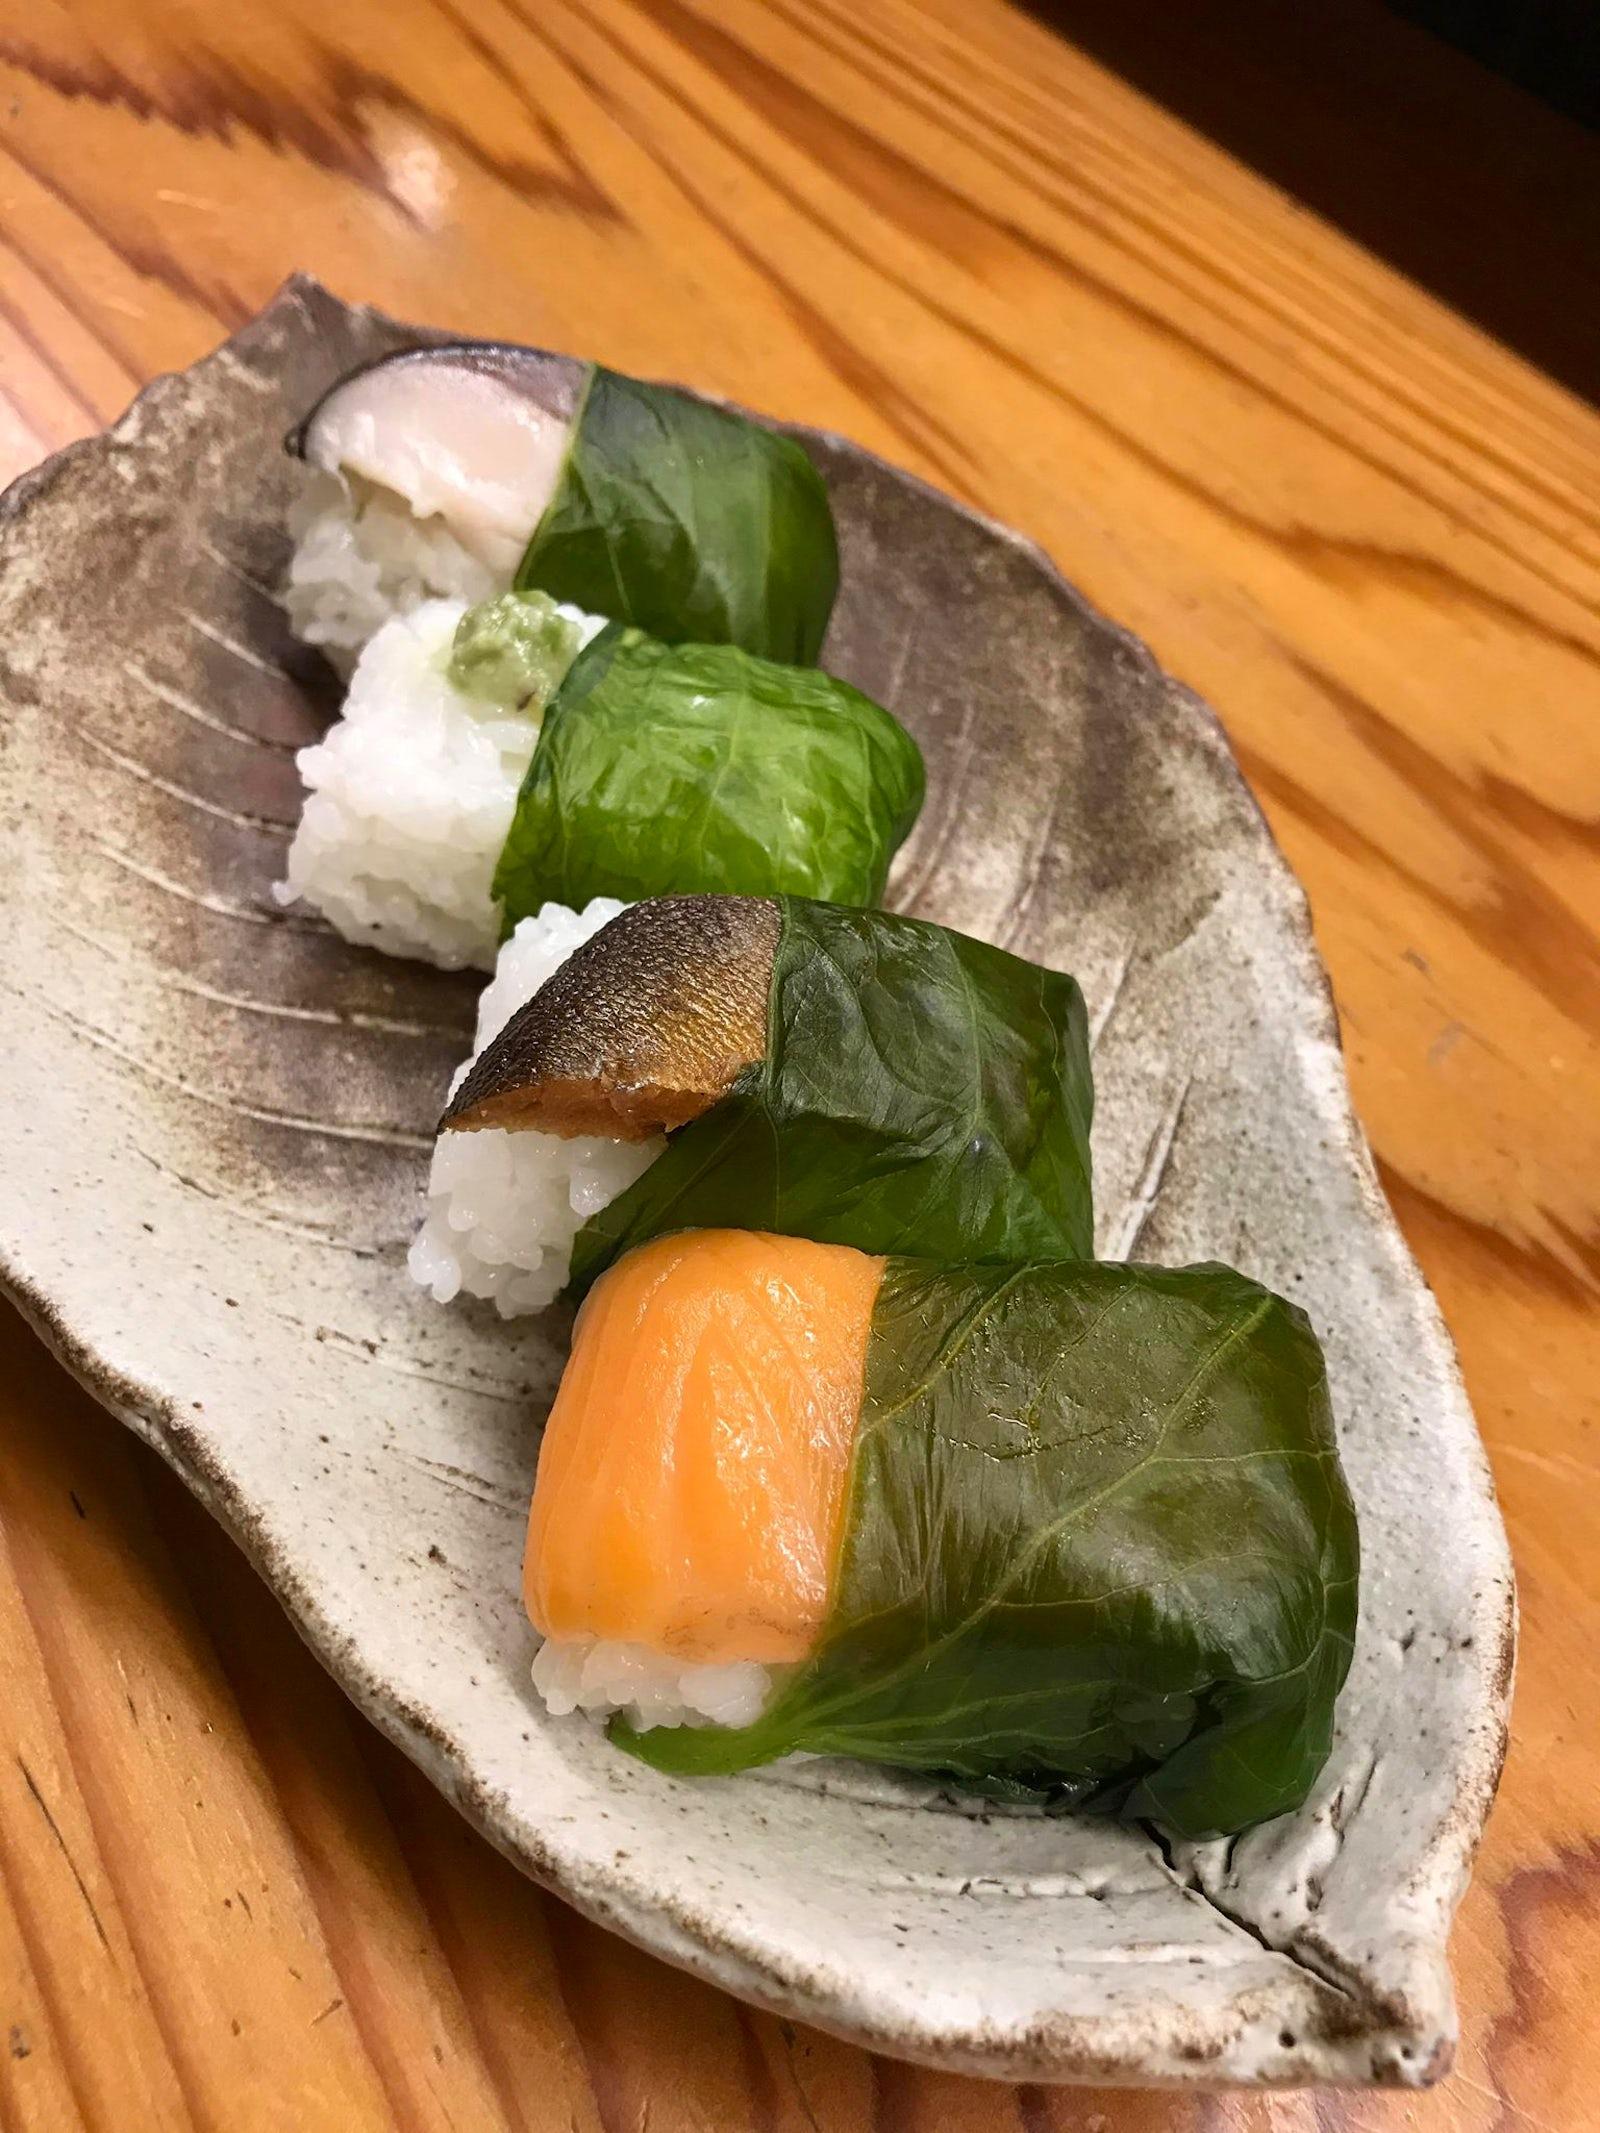 @Rieko Nishibayashi